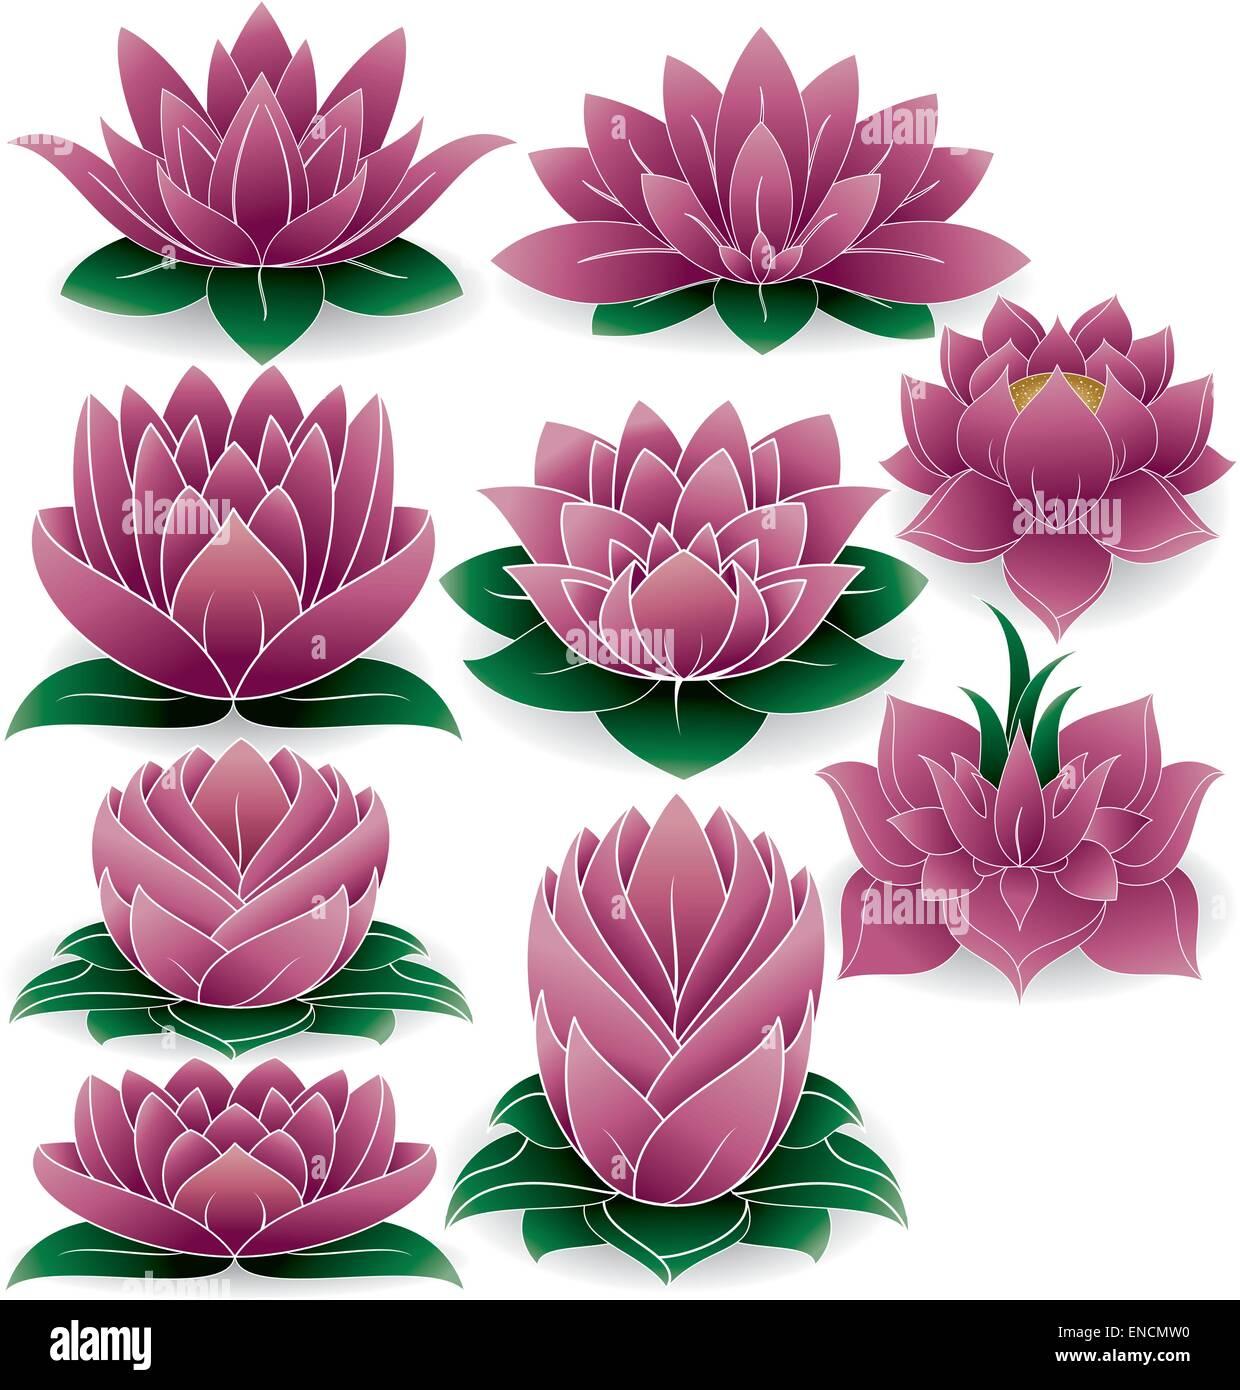 Lotus Flower Meditation Stock Photos Lotus Flower Meditation Stock